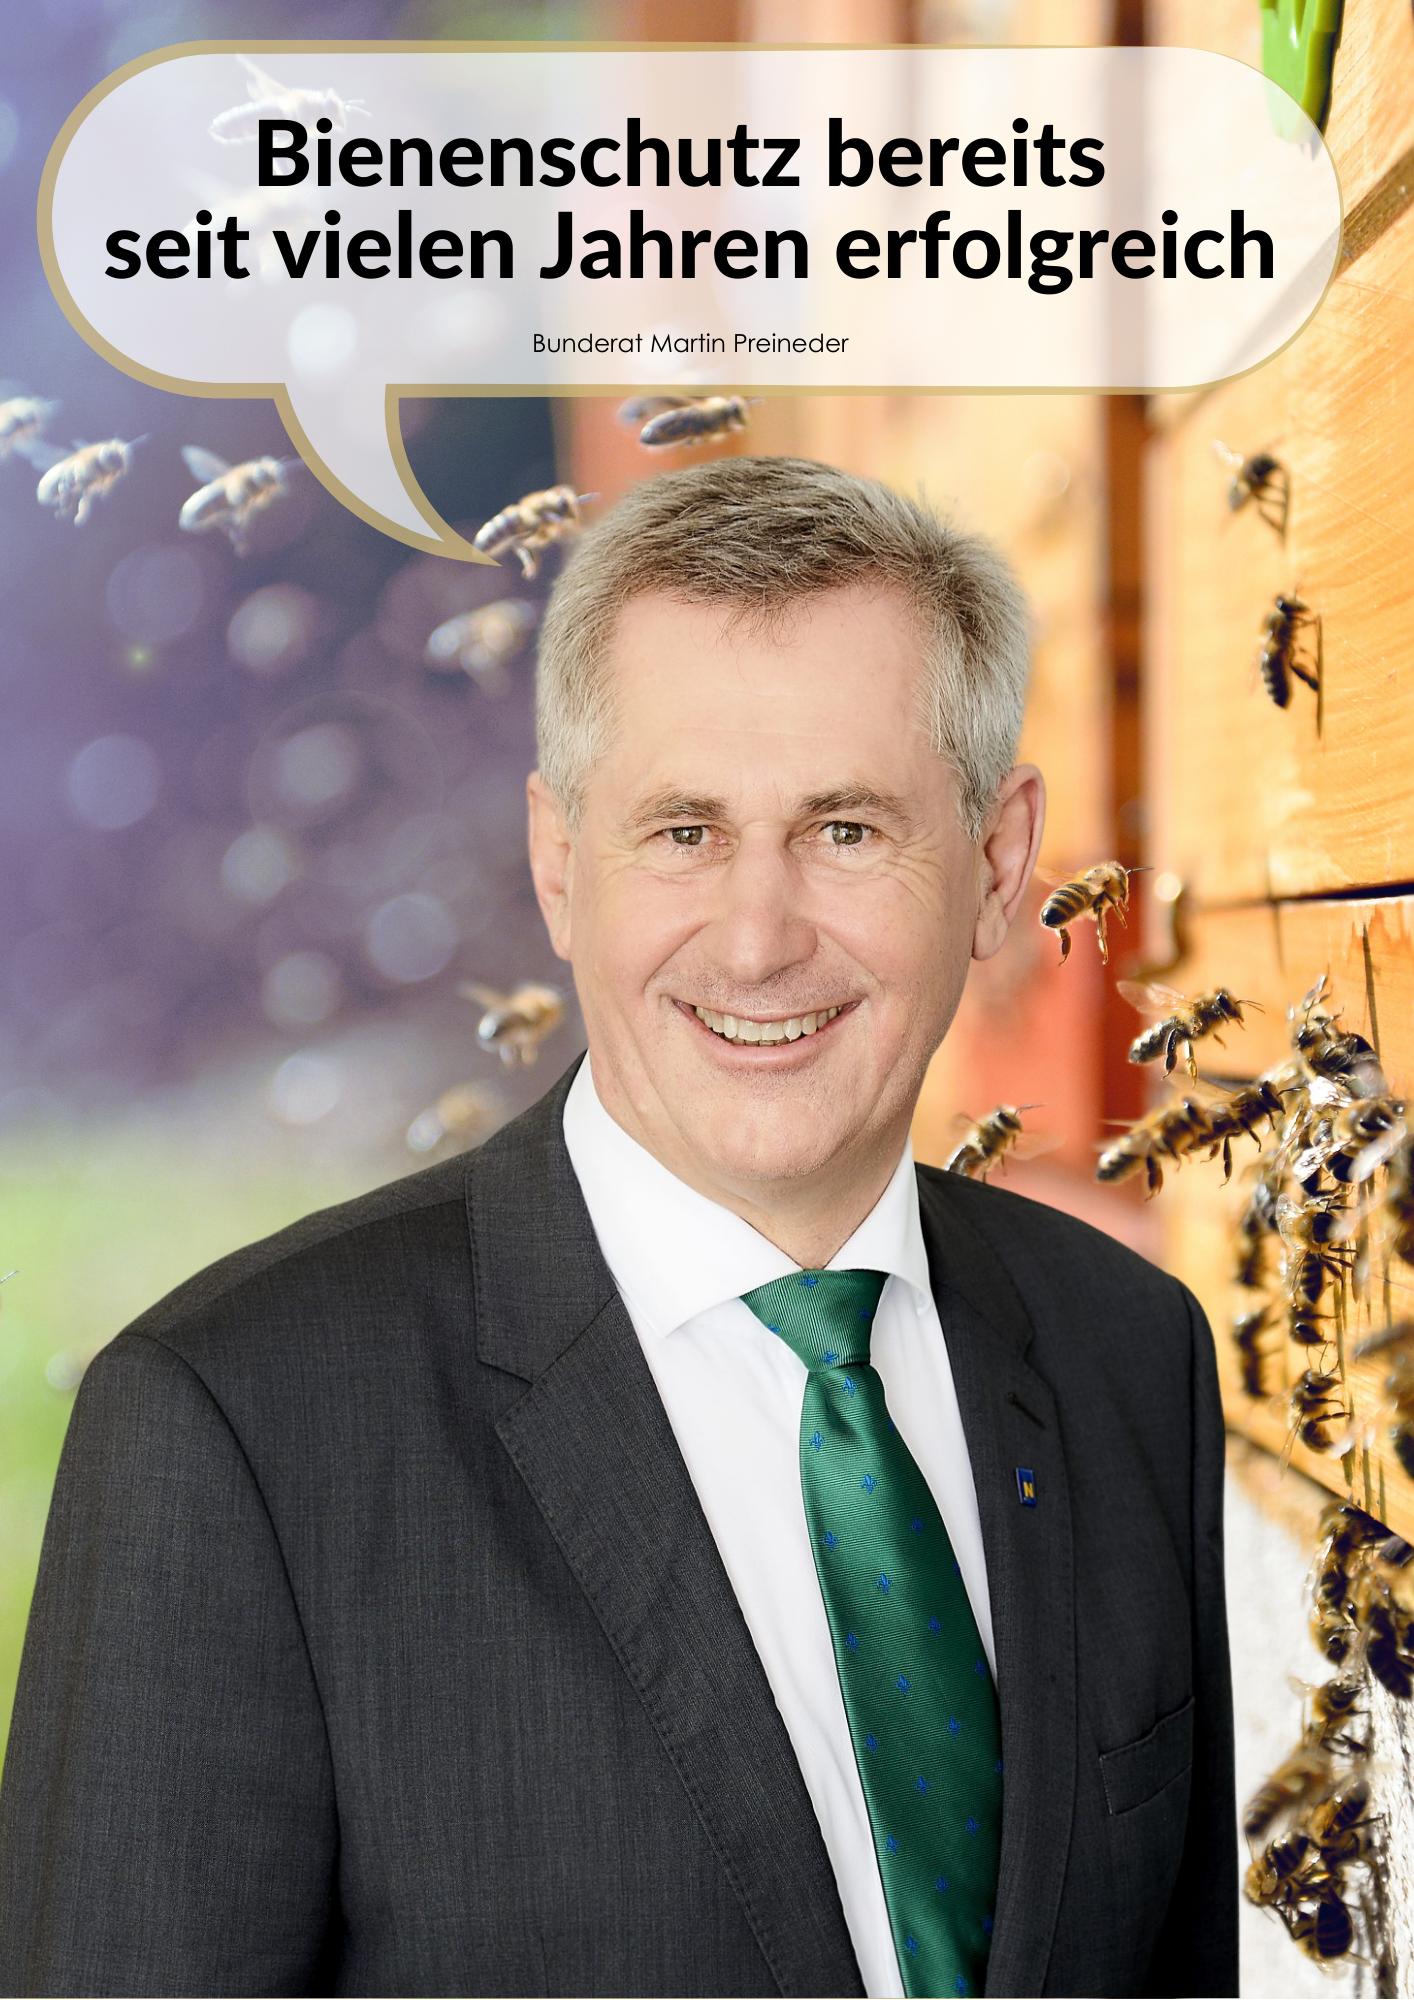 Bienenschutz_MP